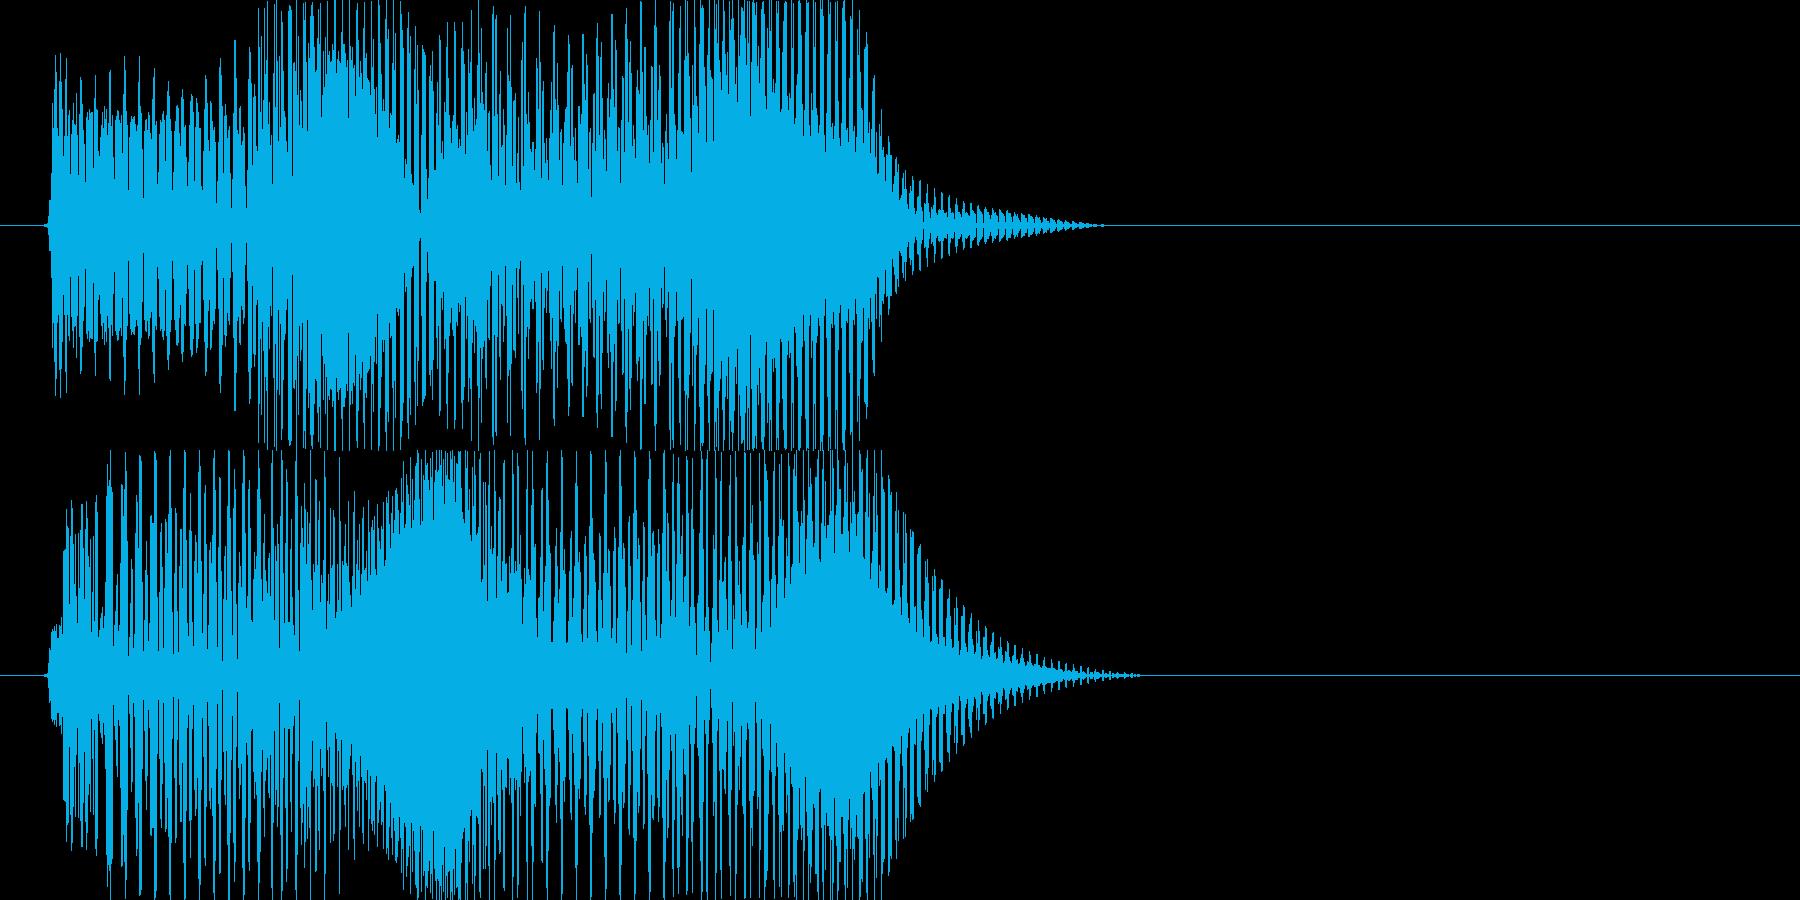 ピコピコ(エラー・アラート音 低音)の再生済みの波形